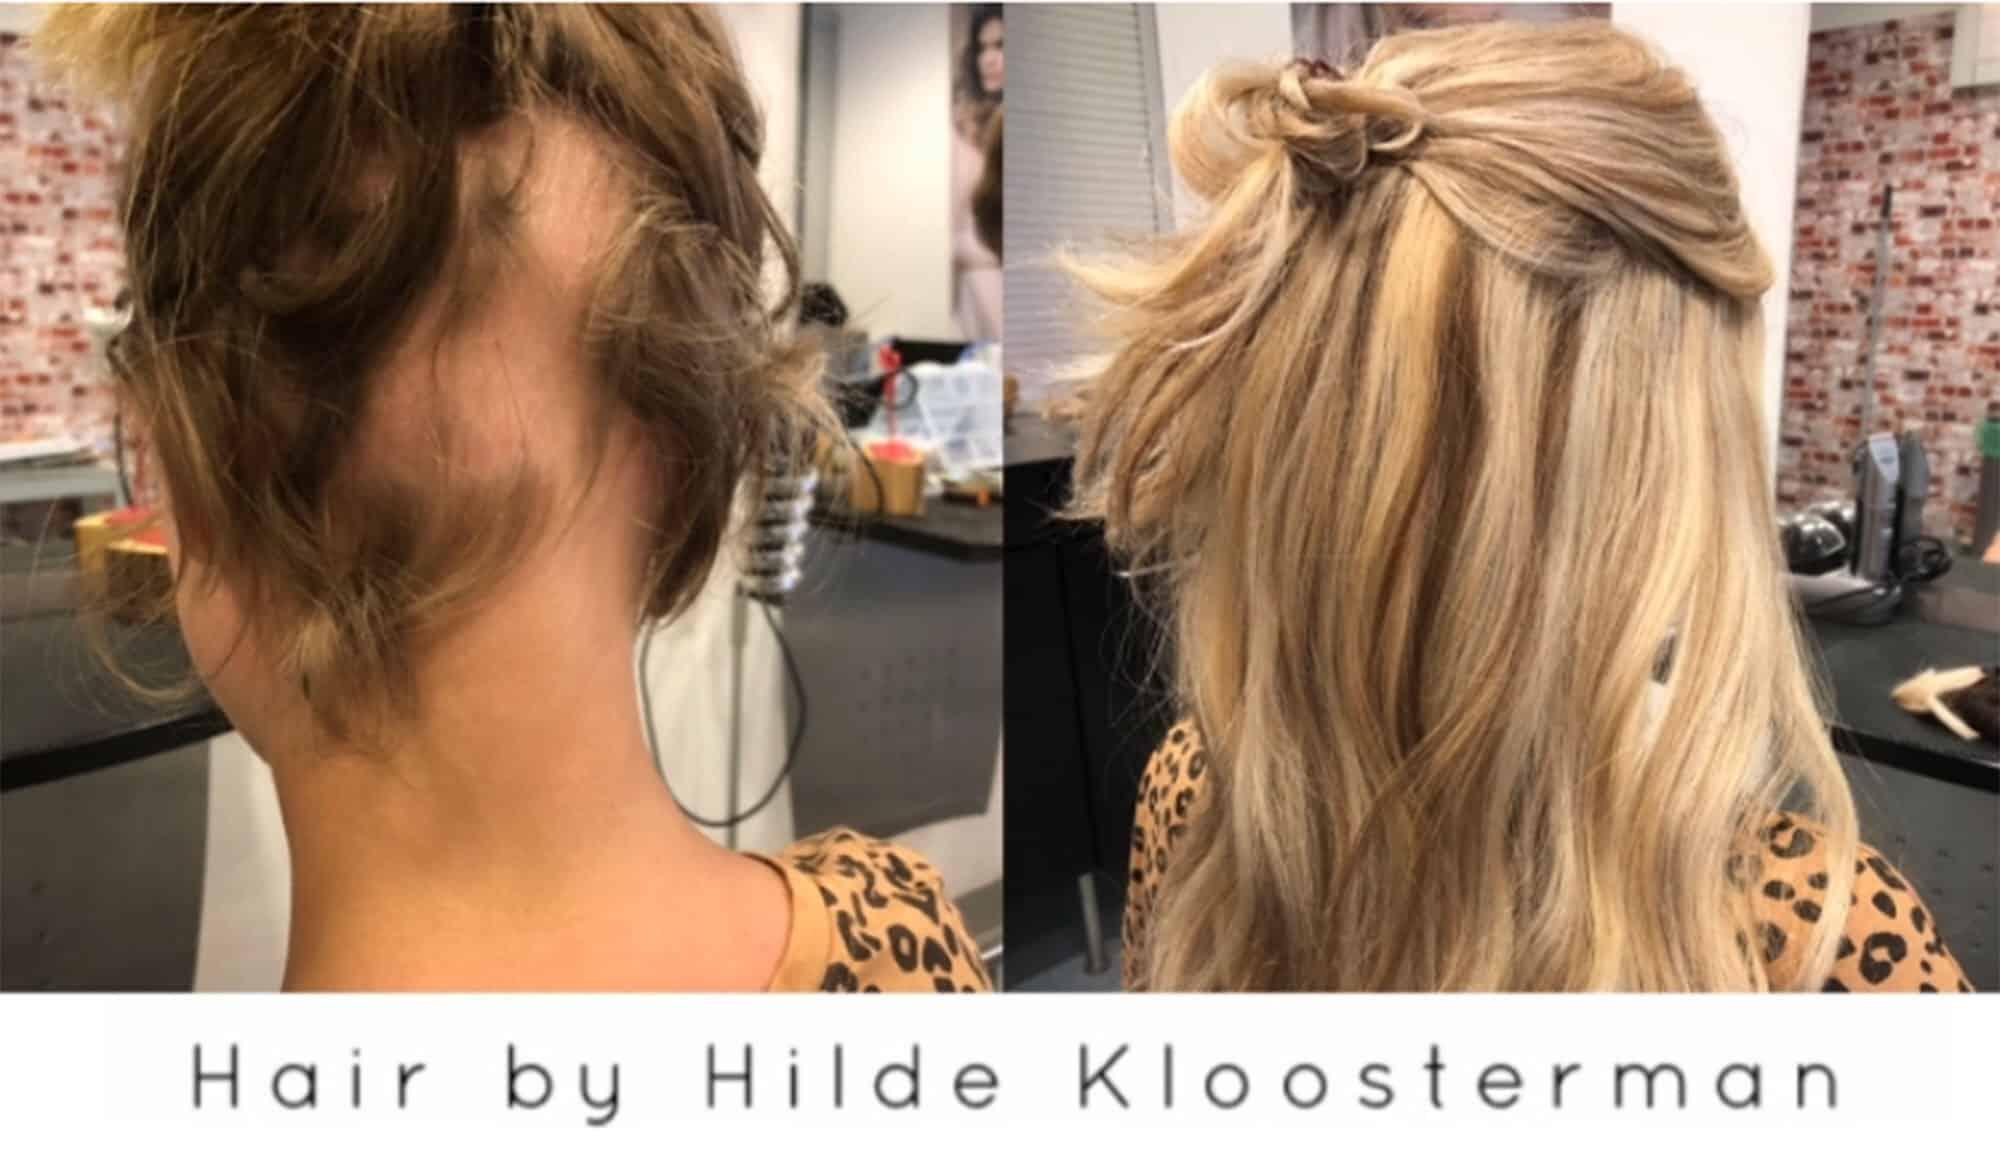 Alopecia-follea